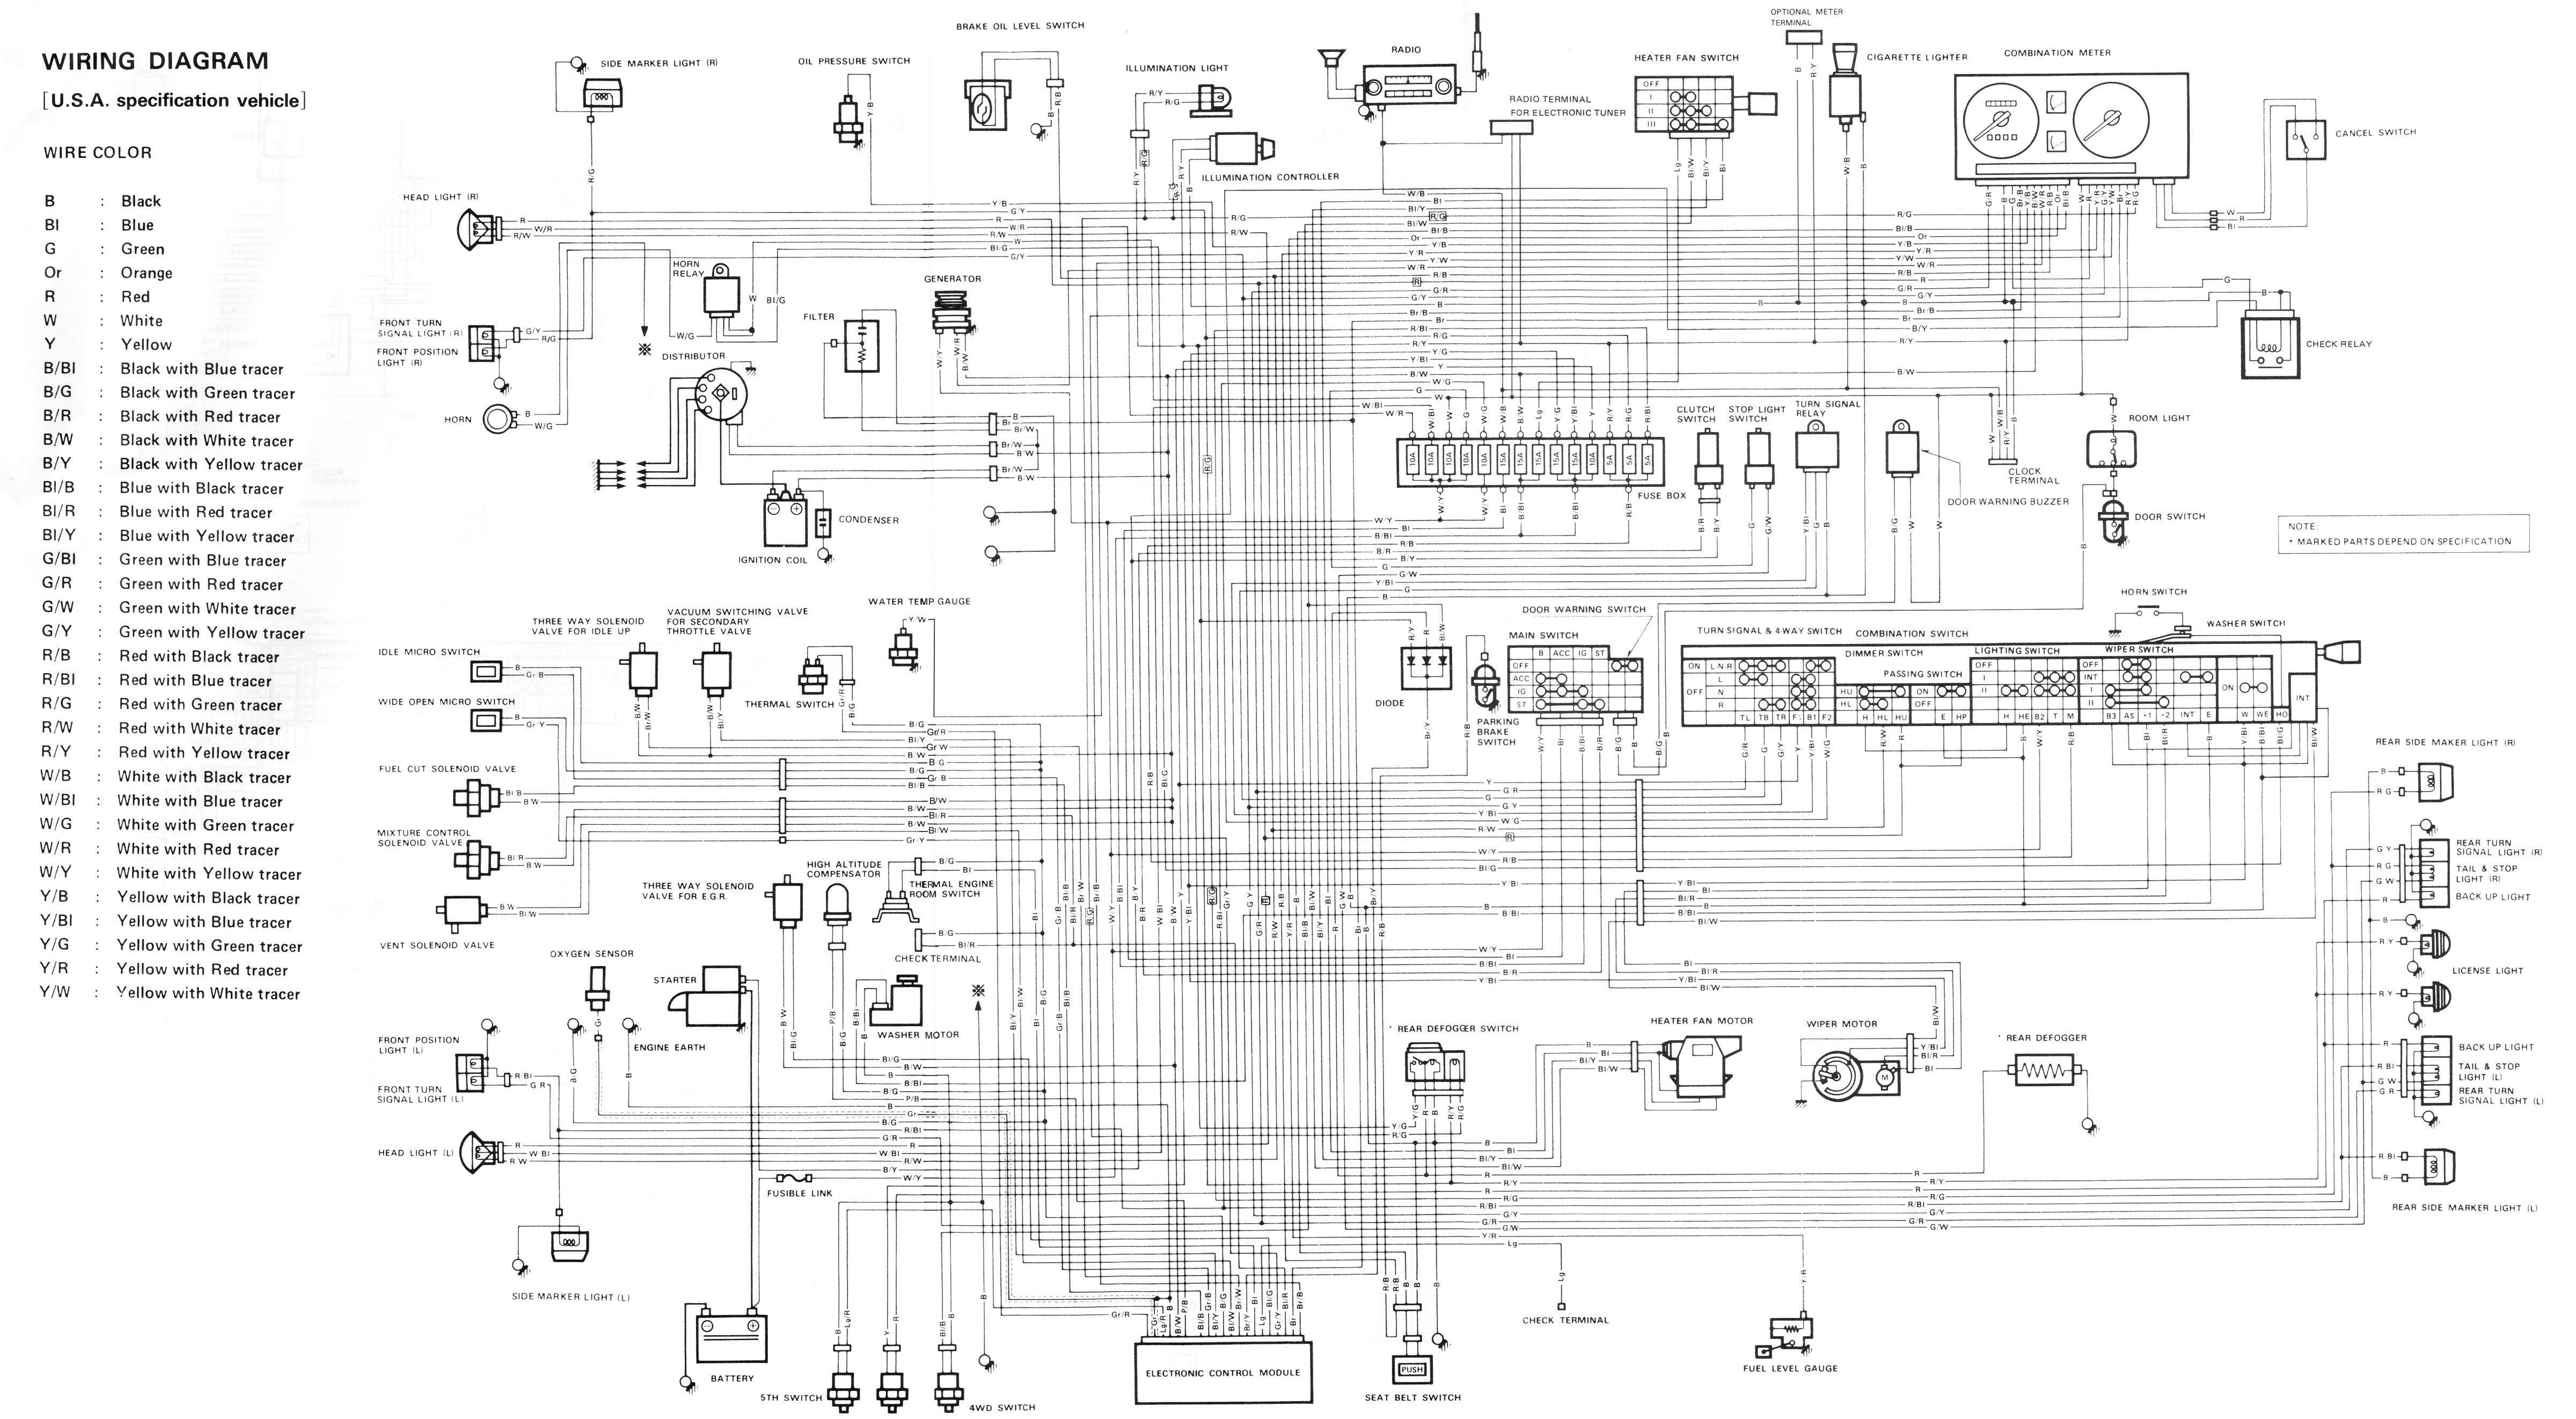 Samurai Generic Wiring Diagram With Images